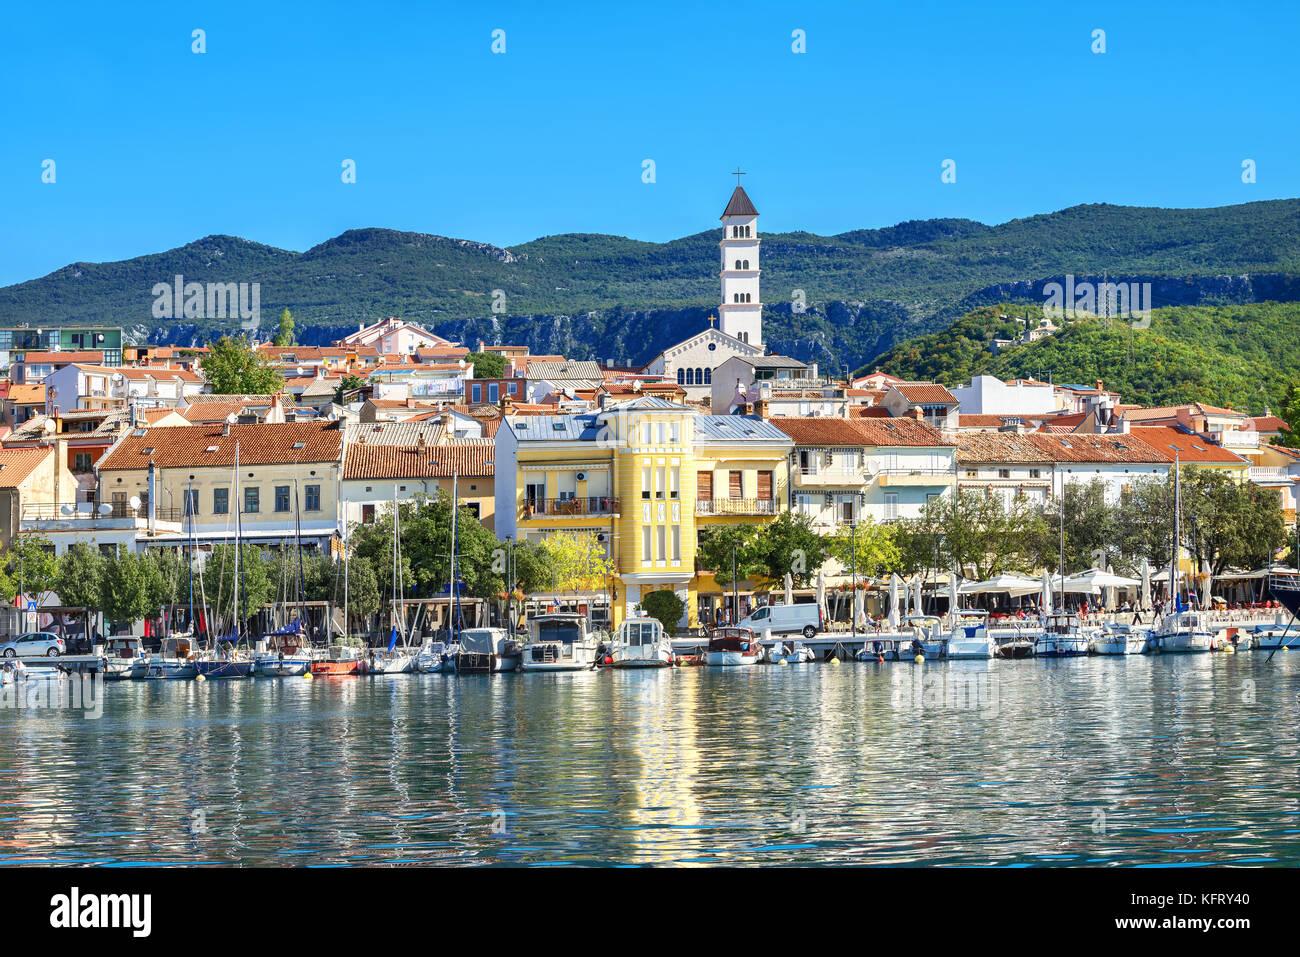 La ville côtière méditerranéenne de crikvenica, Croatie Istrie. Photo Stock